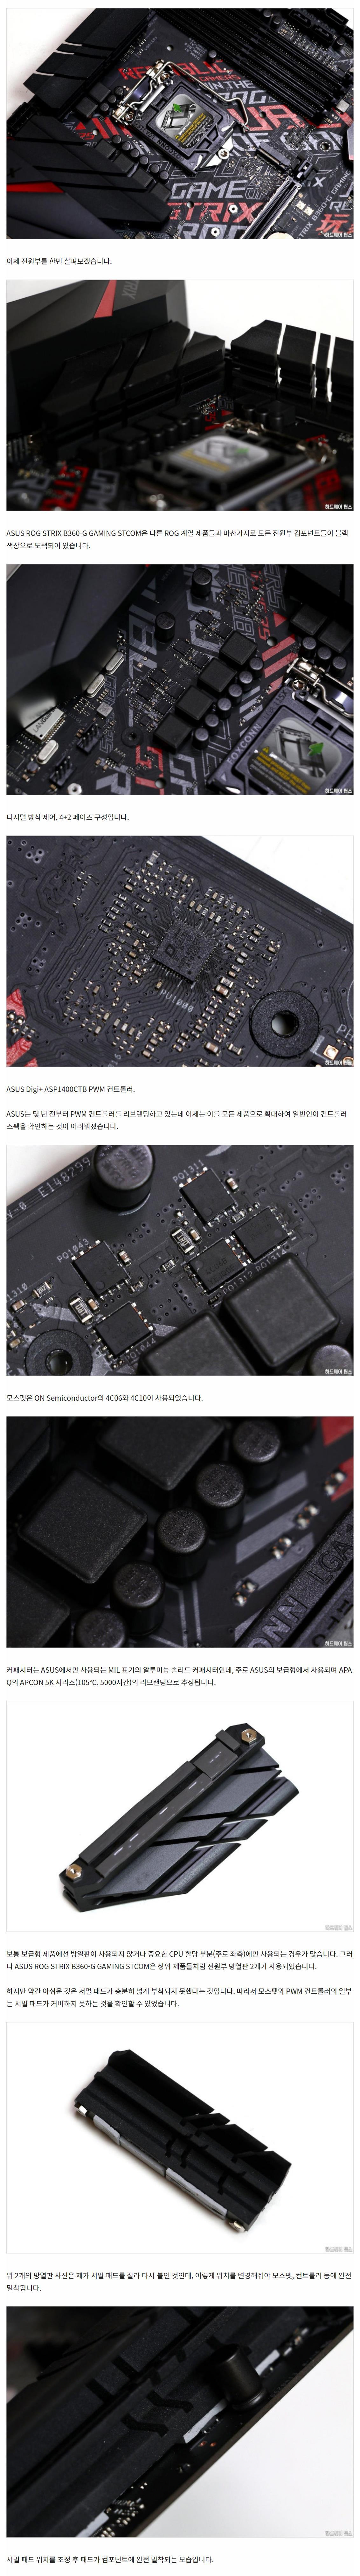 ASUS ROG STRIX B360-G GAMING STCOM - 4.jpg